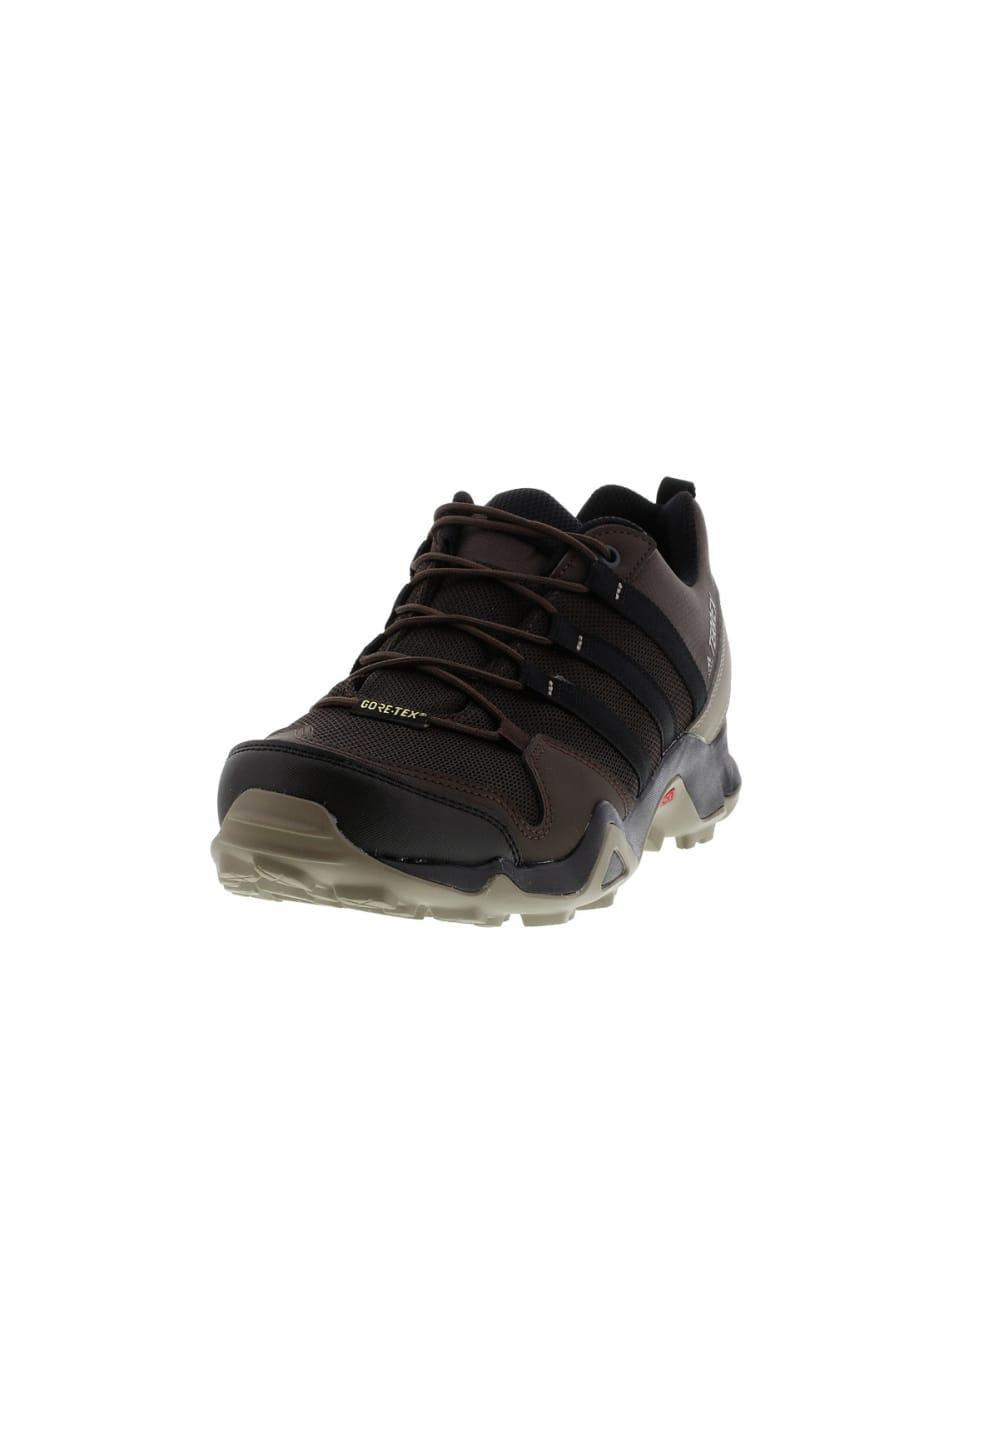 Adidas Ax2r Randonnée Gtx Chaussures Homme Pour Terrex Marron DE29IH